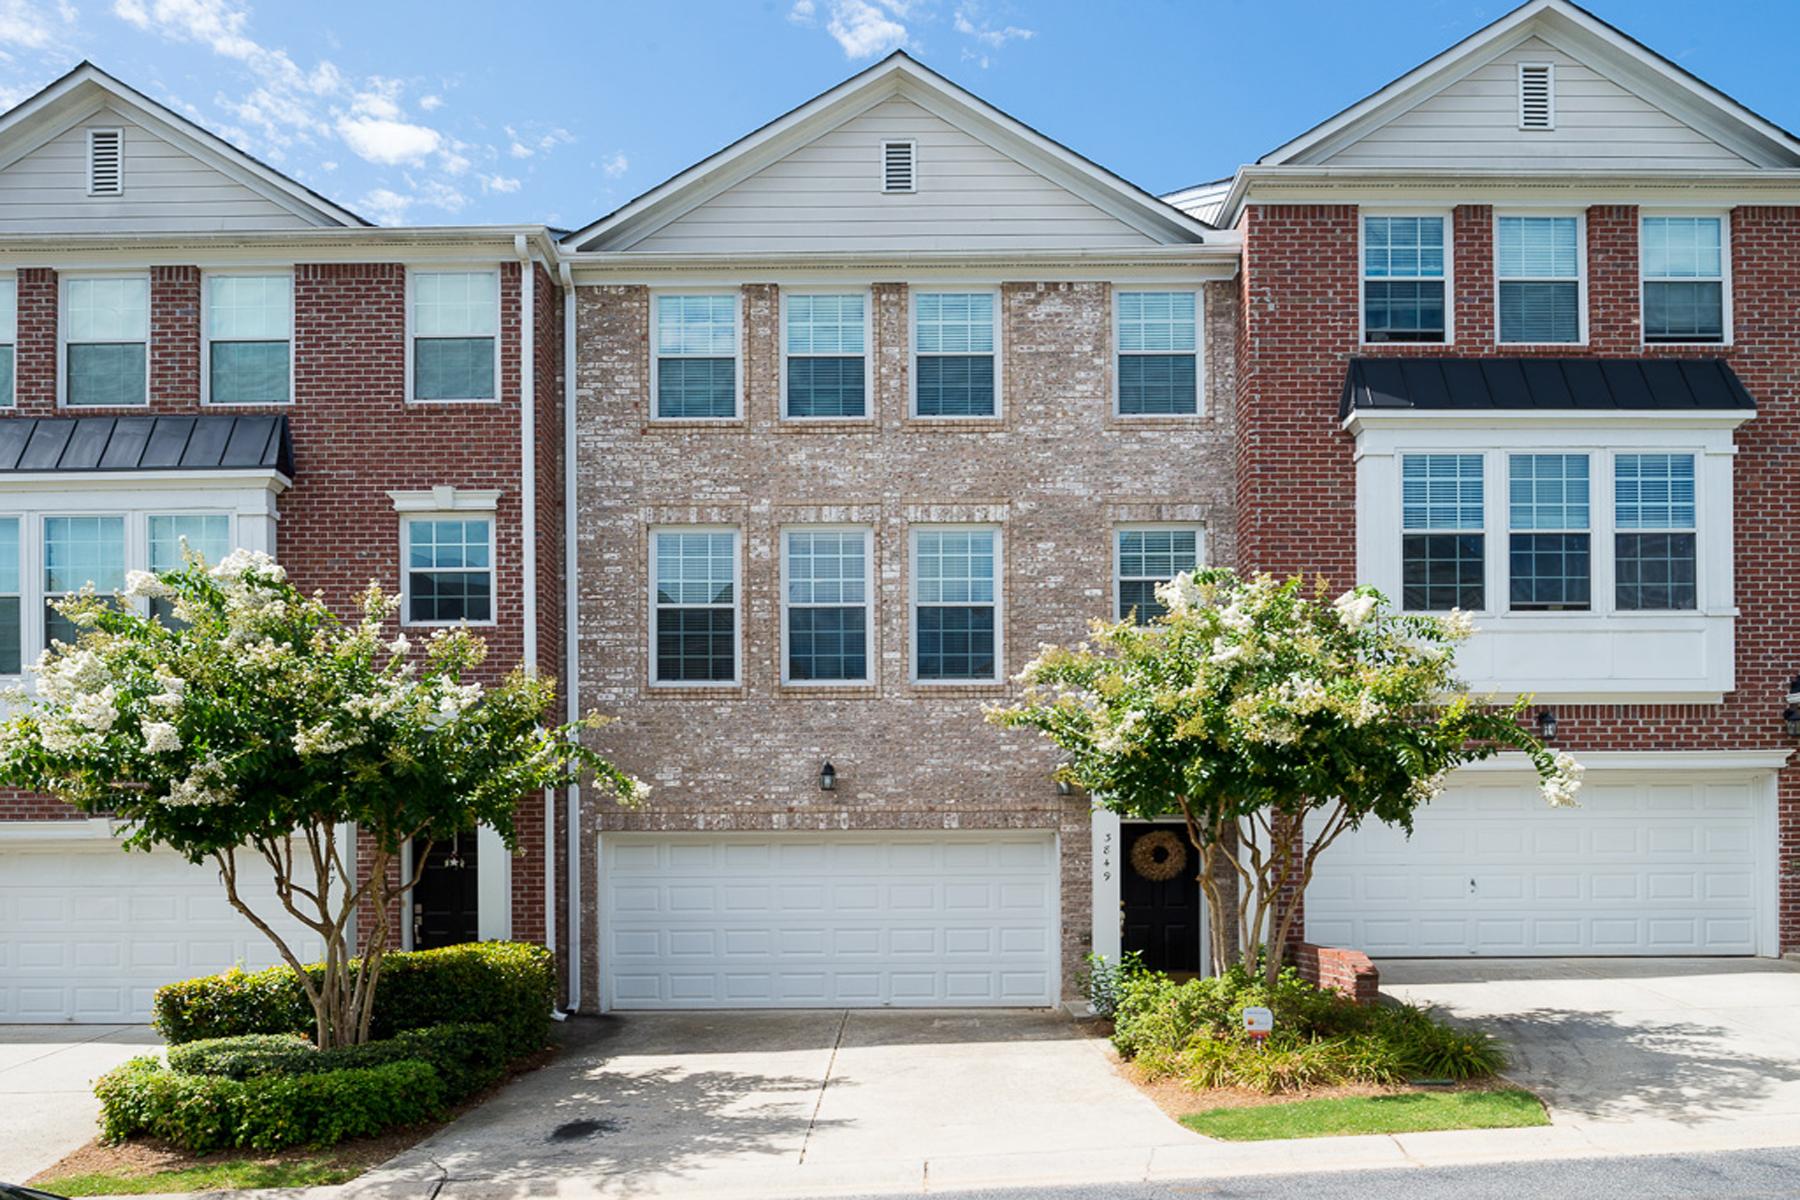 タウンハウス のために 売買 アット A Rare Opportunity At Chattahoochee Bluffs 3849 Chattahoochee Summit Drive Atlanta, ジョージア, 30339 アメリカ合衆国